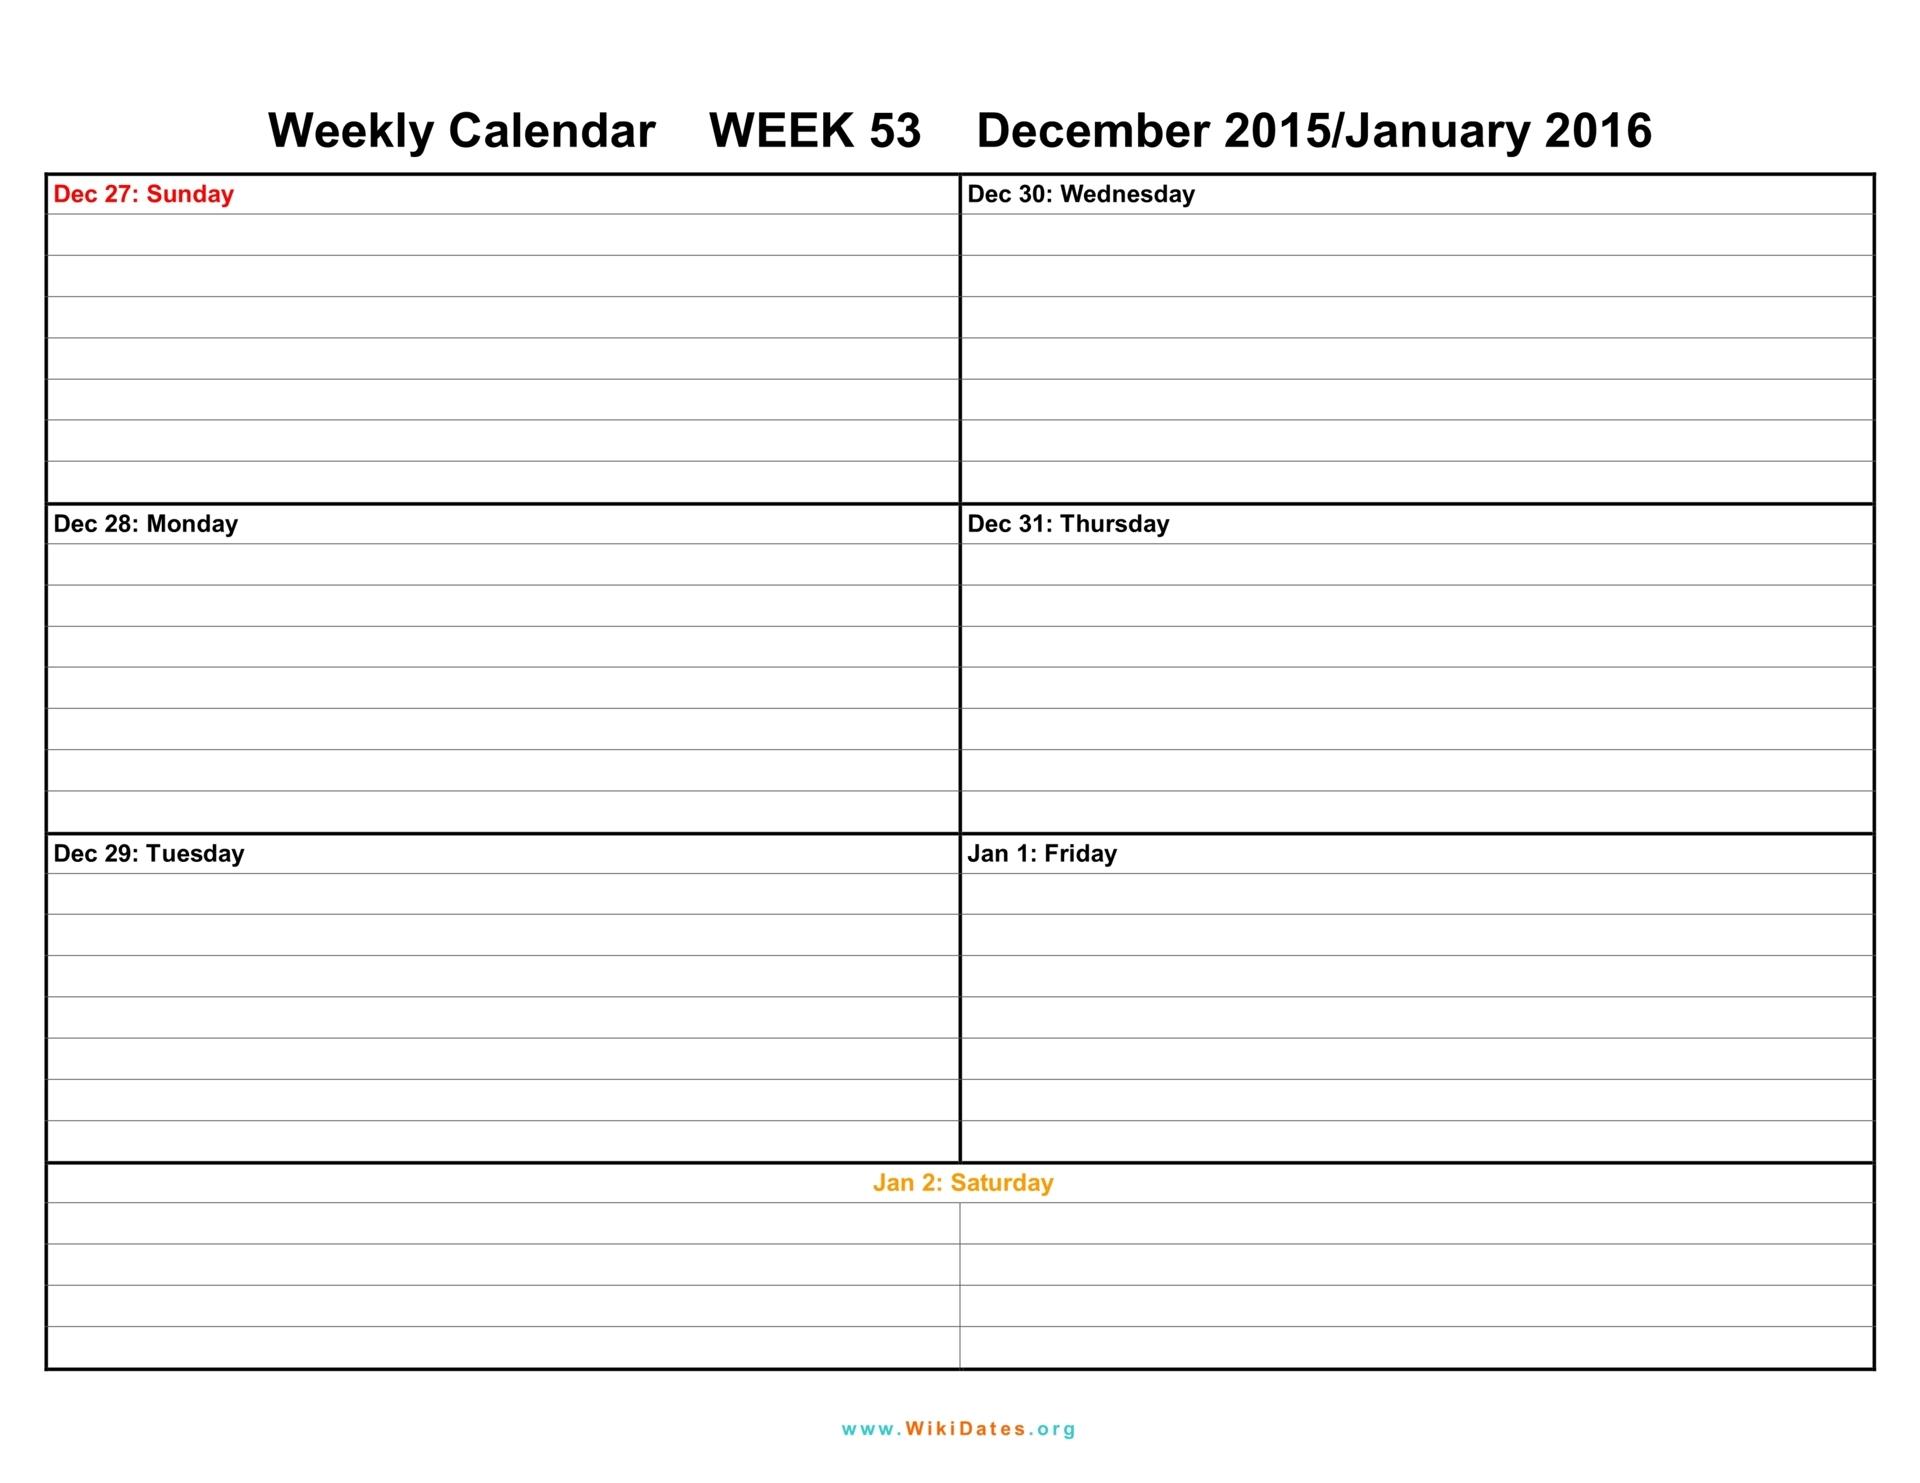 Pdf-Printable-Weekly-Calendar-Template-July inside Weekly Blank Calendar Printable Pdf